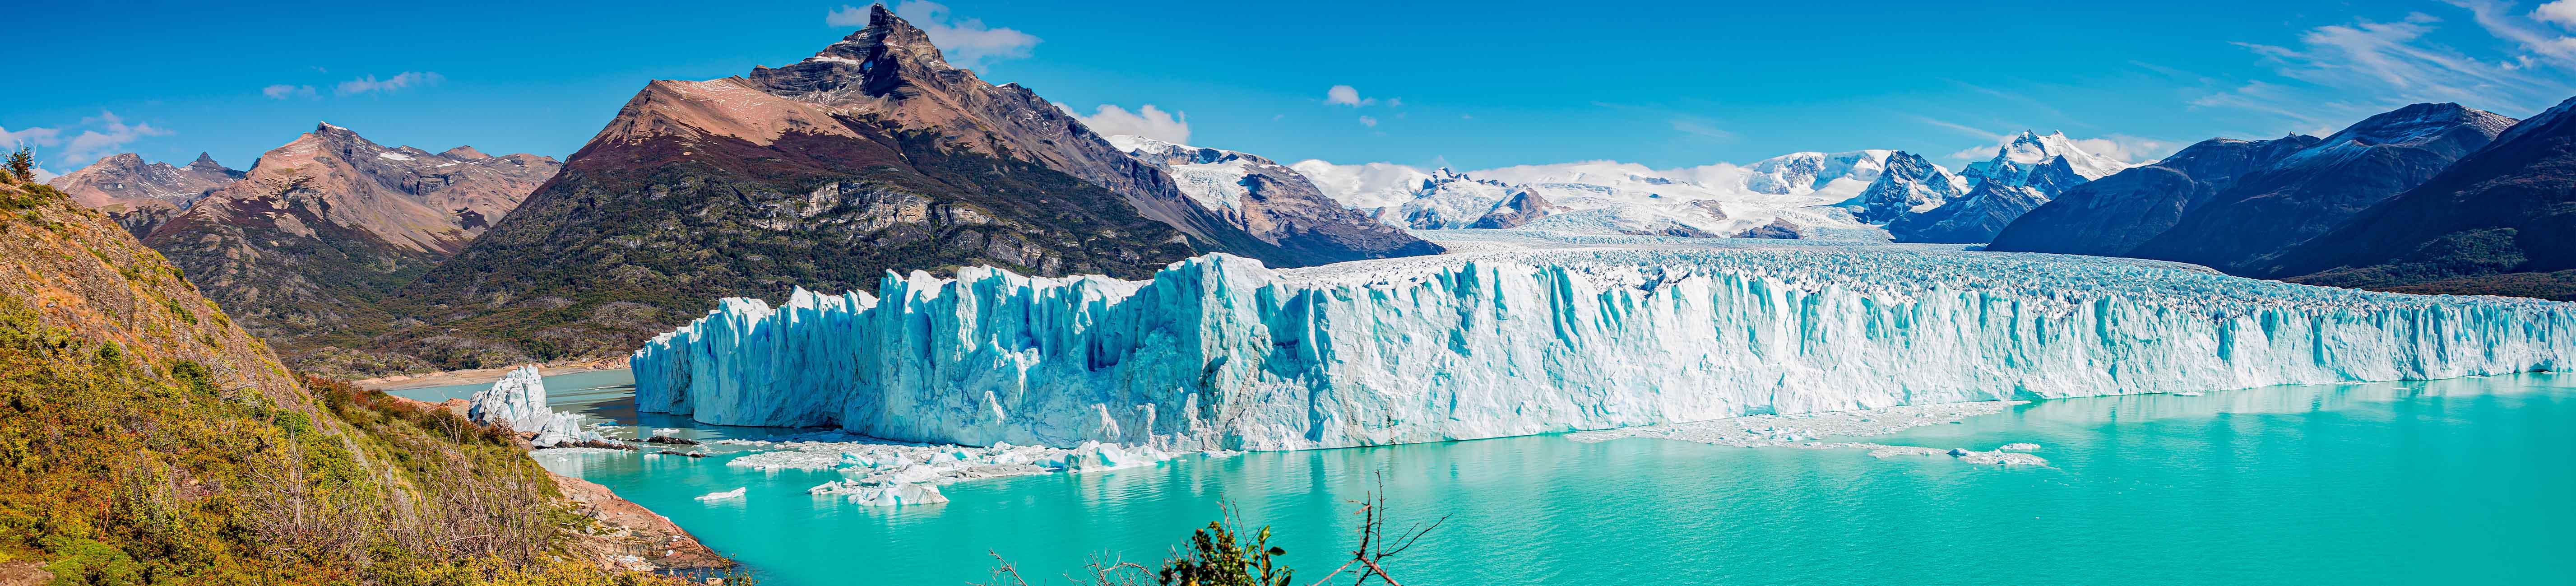 Pendant votre séjour en Argentine